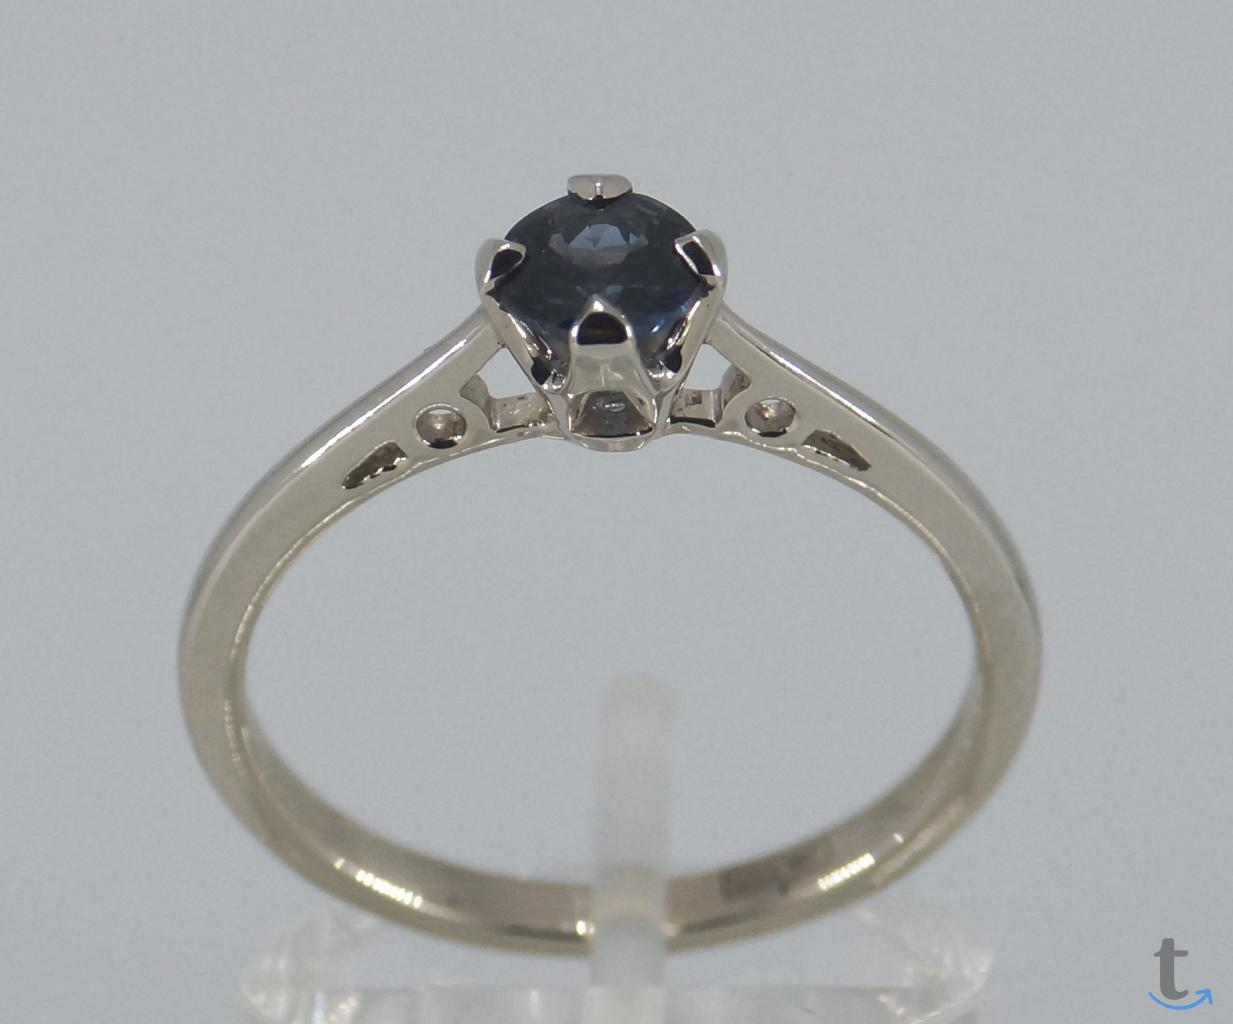 Золотое кольцо с глубоким-синим Сапфиром Ф 5 мм.